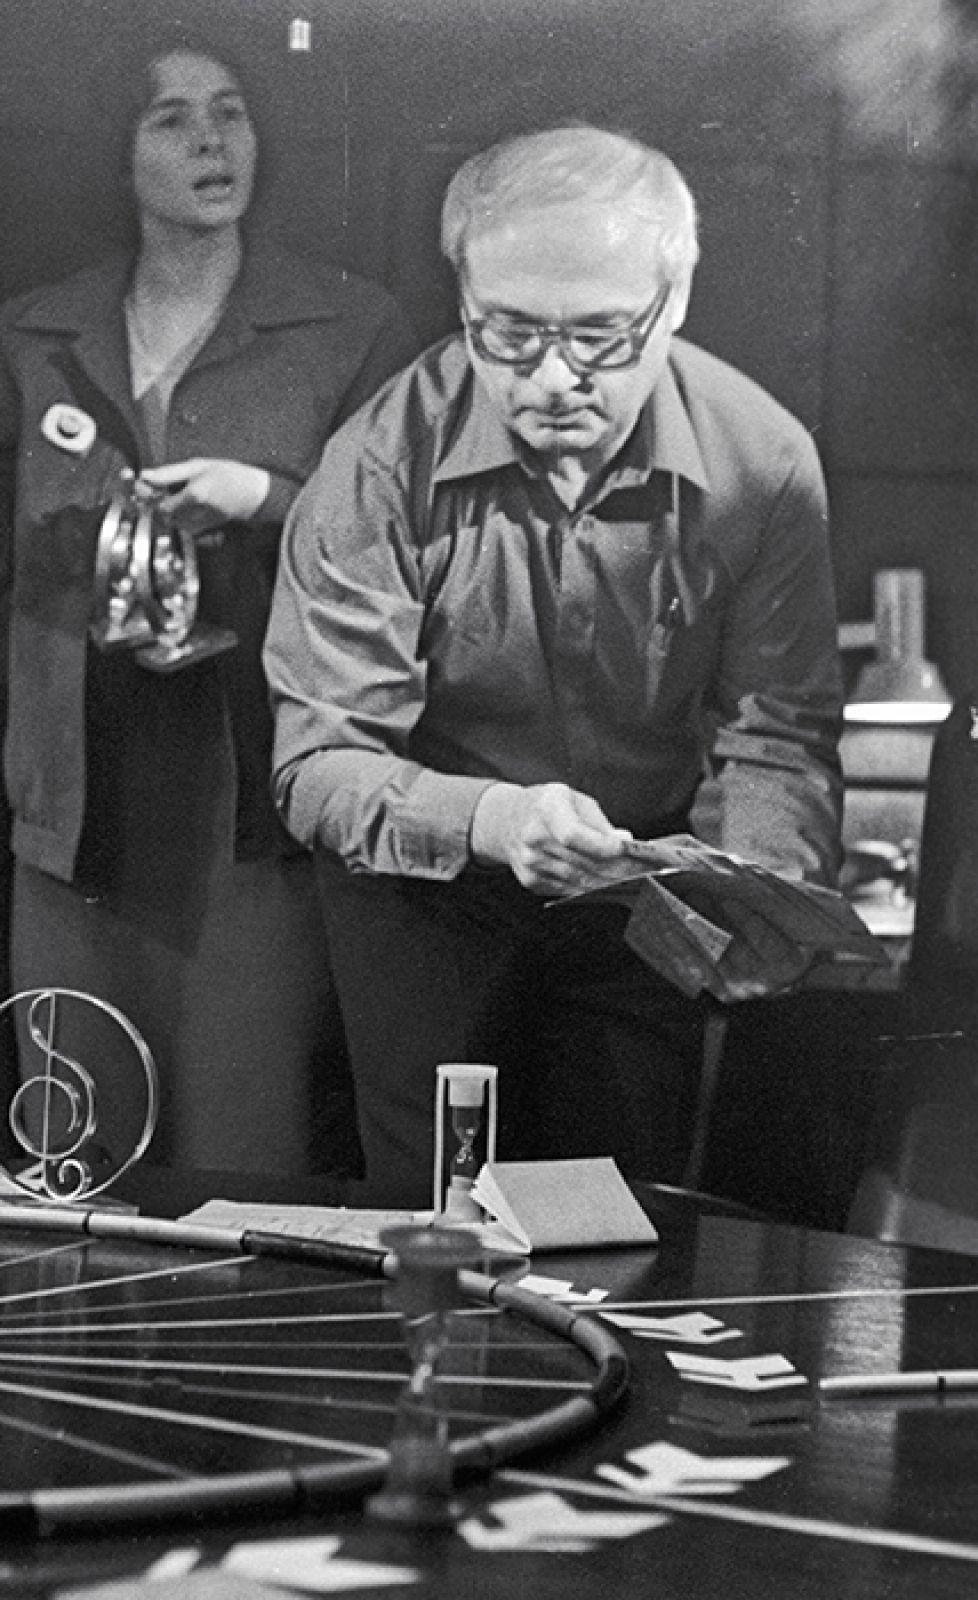 Программа вышла в эфир всего один раз, поскольку Ворошилов остался недоволен результатом. В 1976 году она изменилась радикально — теперь это был телевизионный молодежный клуб. В игре участвовали студенты МГУ, каждый из которых играл сам за себя. На фото: Владимир Ворошилов готовит очередную игру, 1985 год.